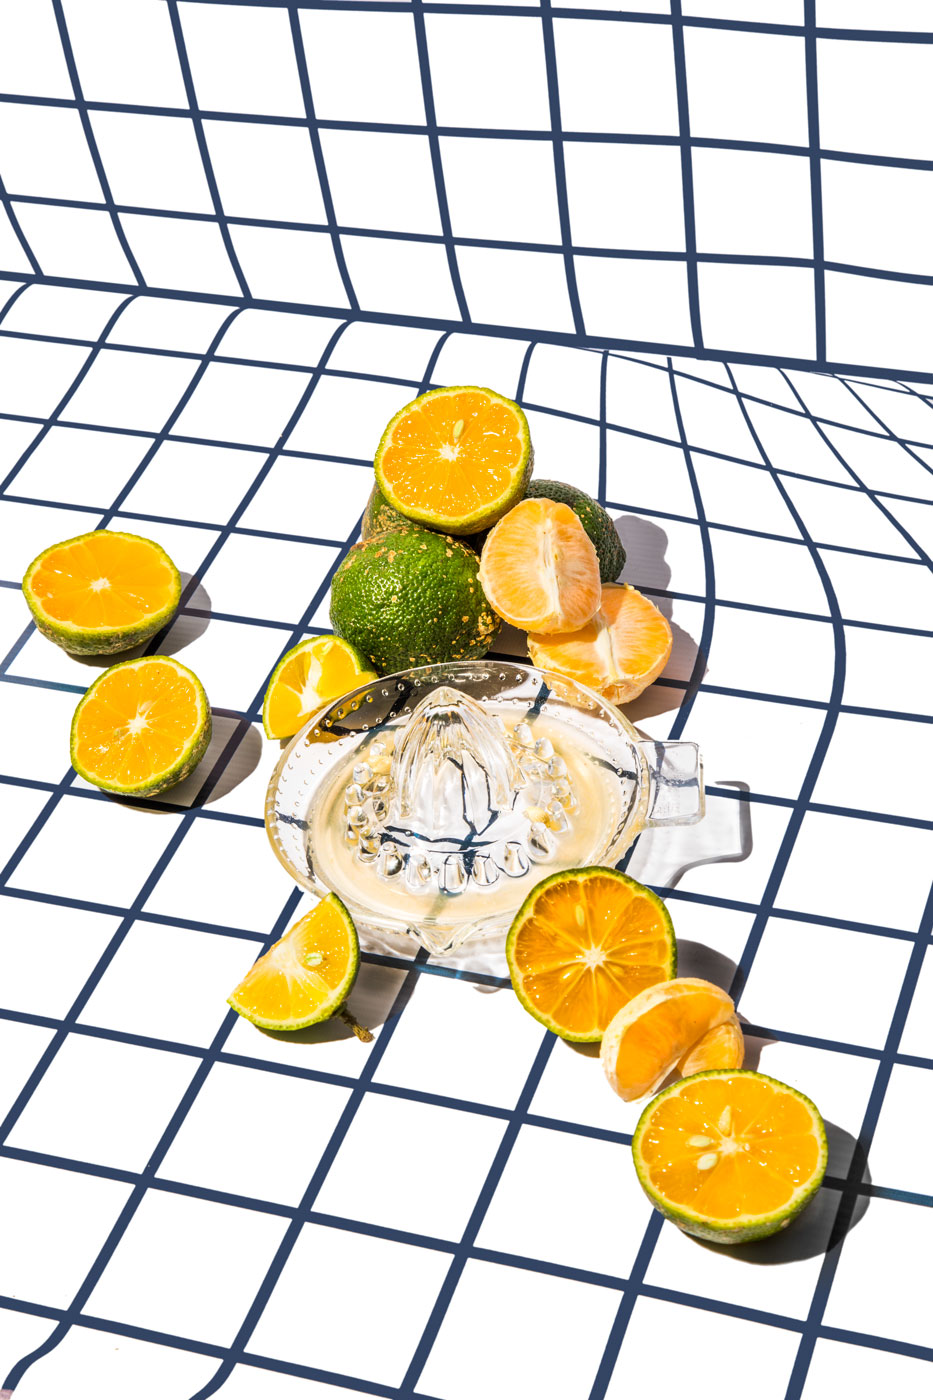 Limon-Mandarino2.jpg